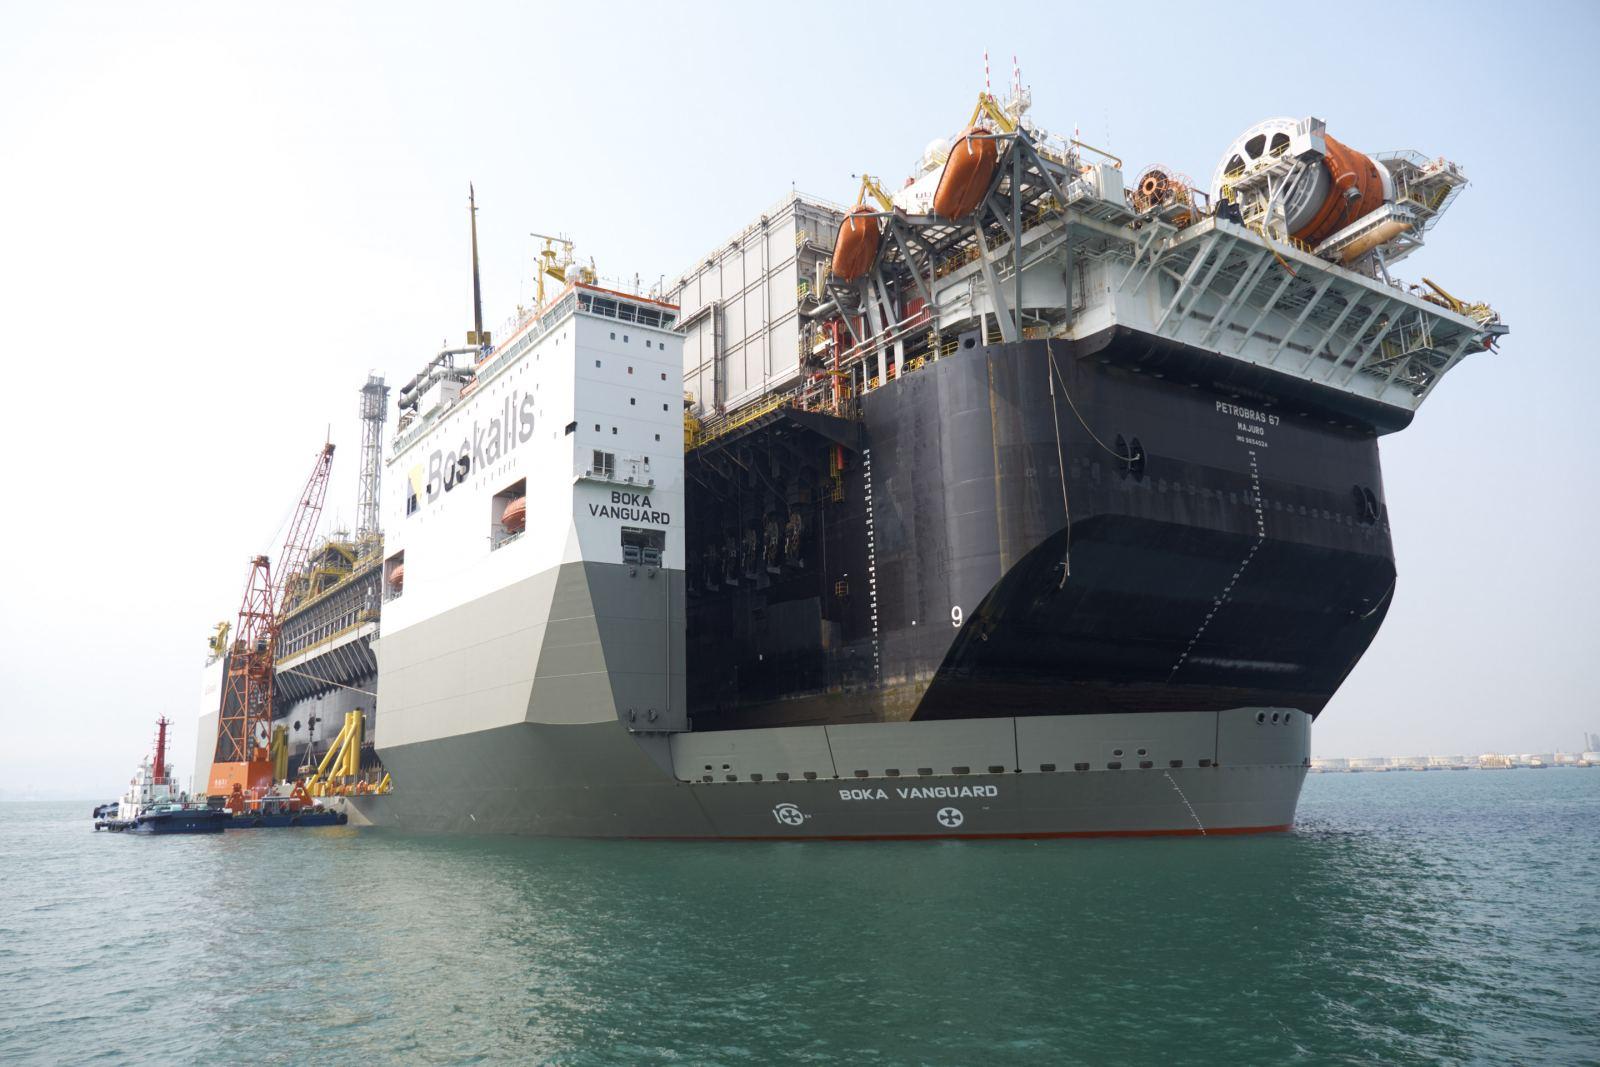 De Boka Vanguard beladen met de 91.000 ton wegende Petrobras 67. (Foto Boskalis)